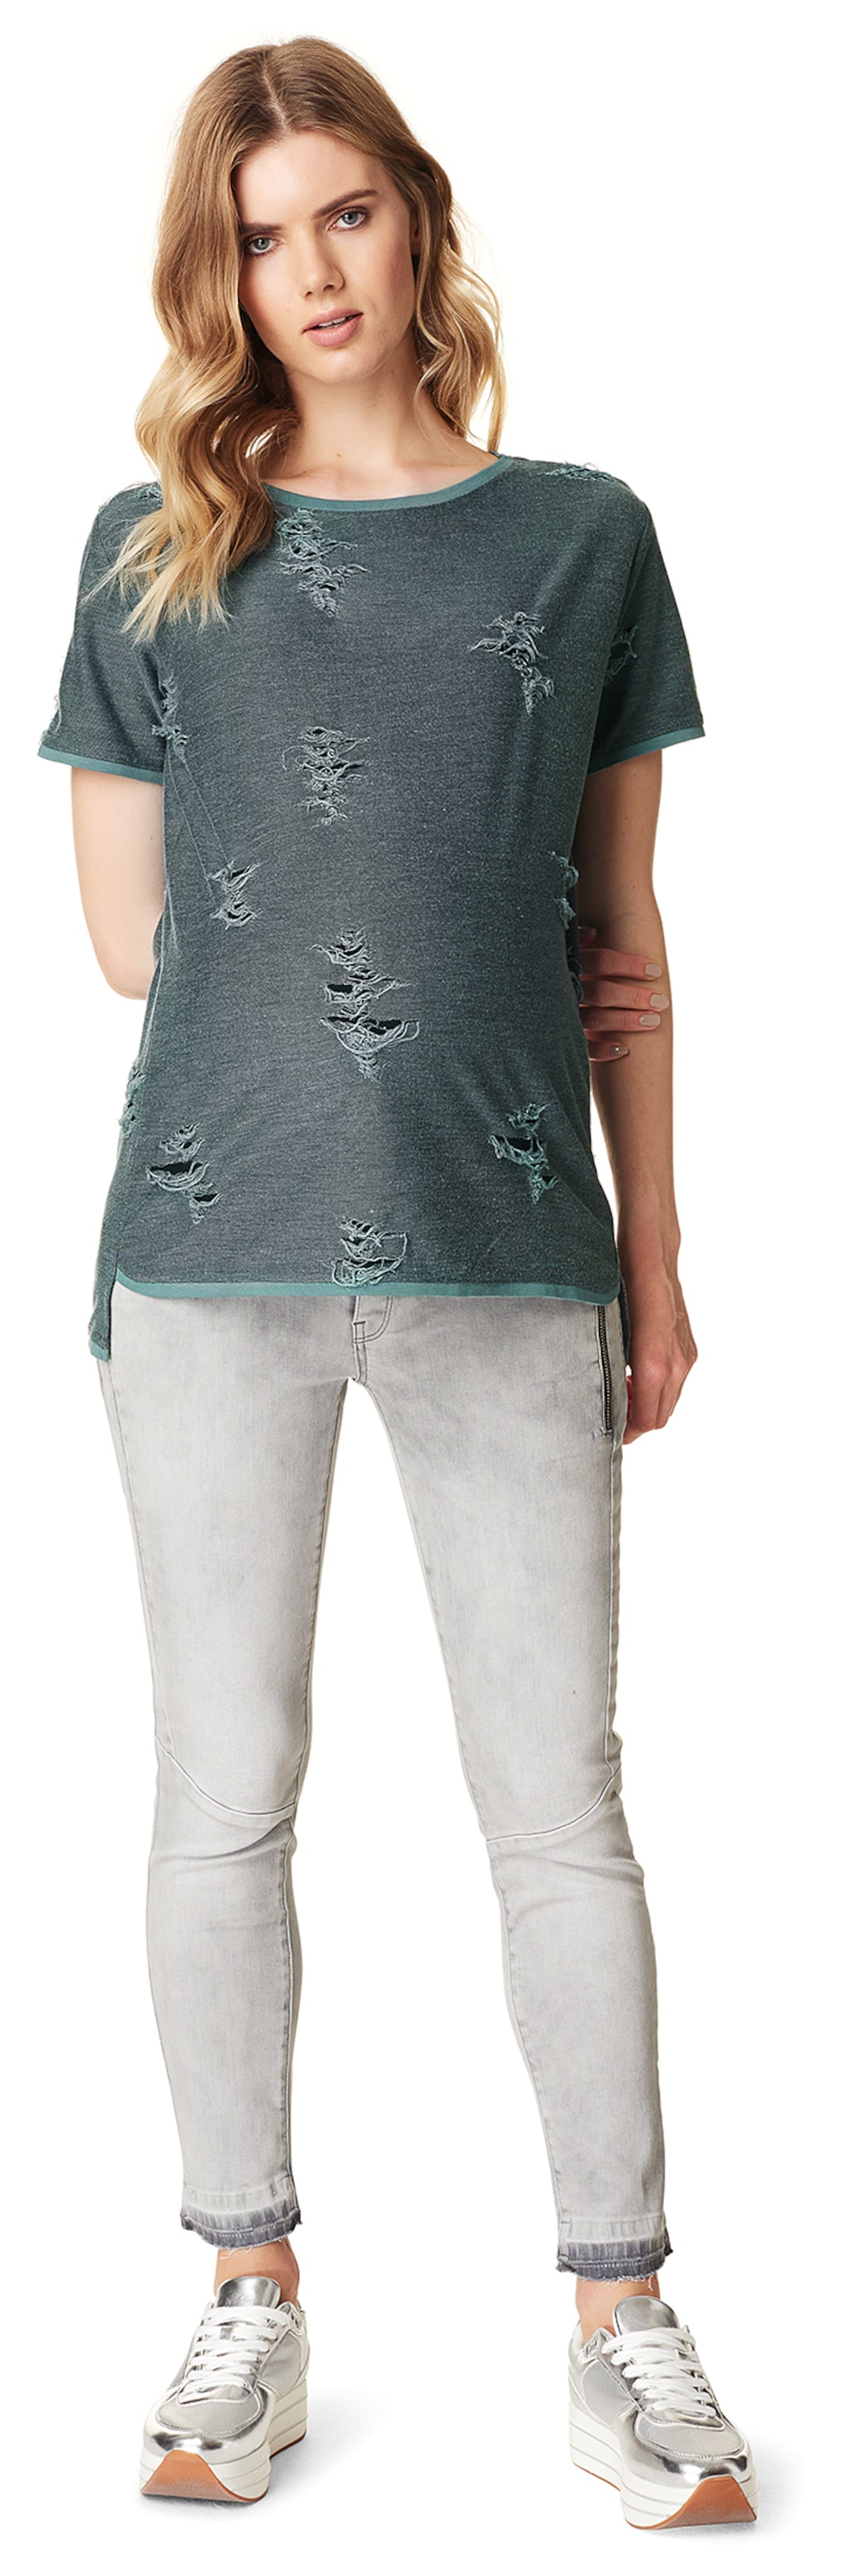 Verkauf Beliebt Noppies Pullover 'Destroyed' 100% Original Steckdose Shop wgJhvrTk7